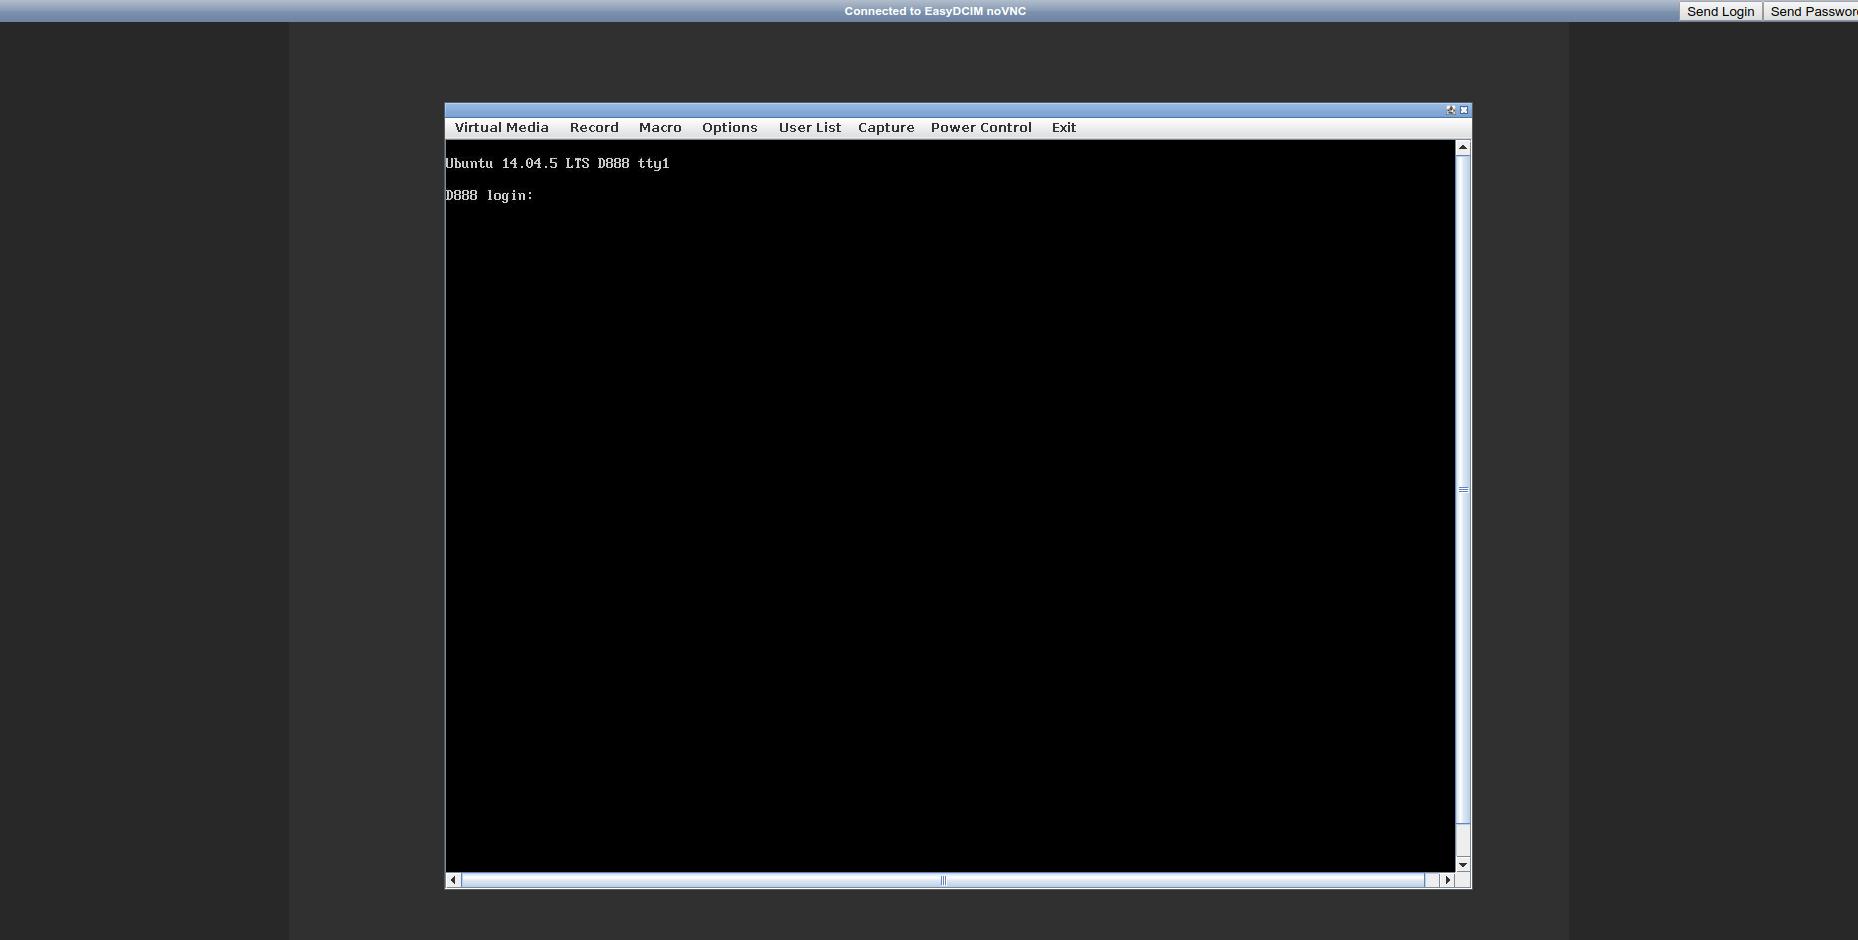 Java Console Applet - EasyDCIM v1.5.2